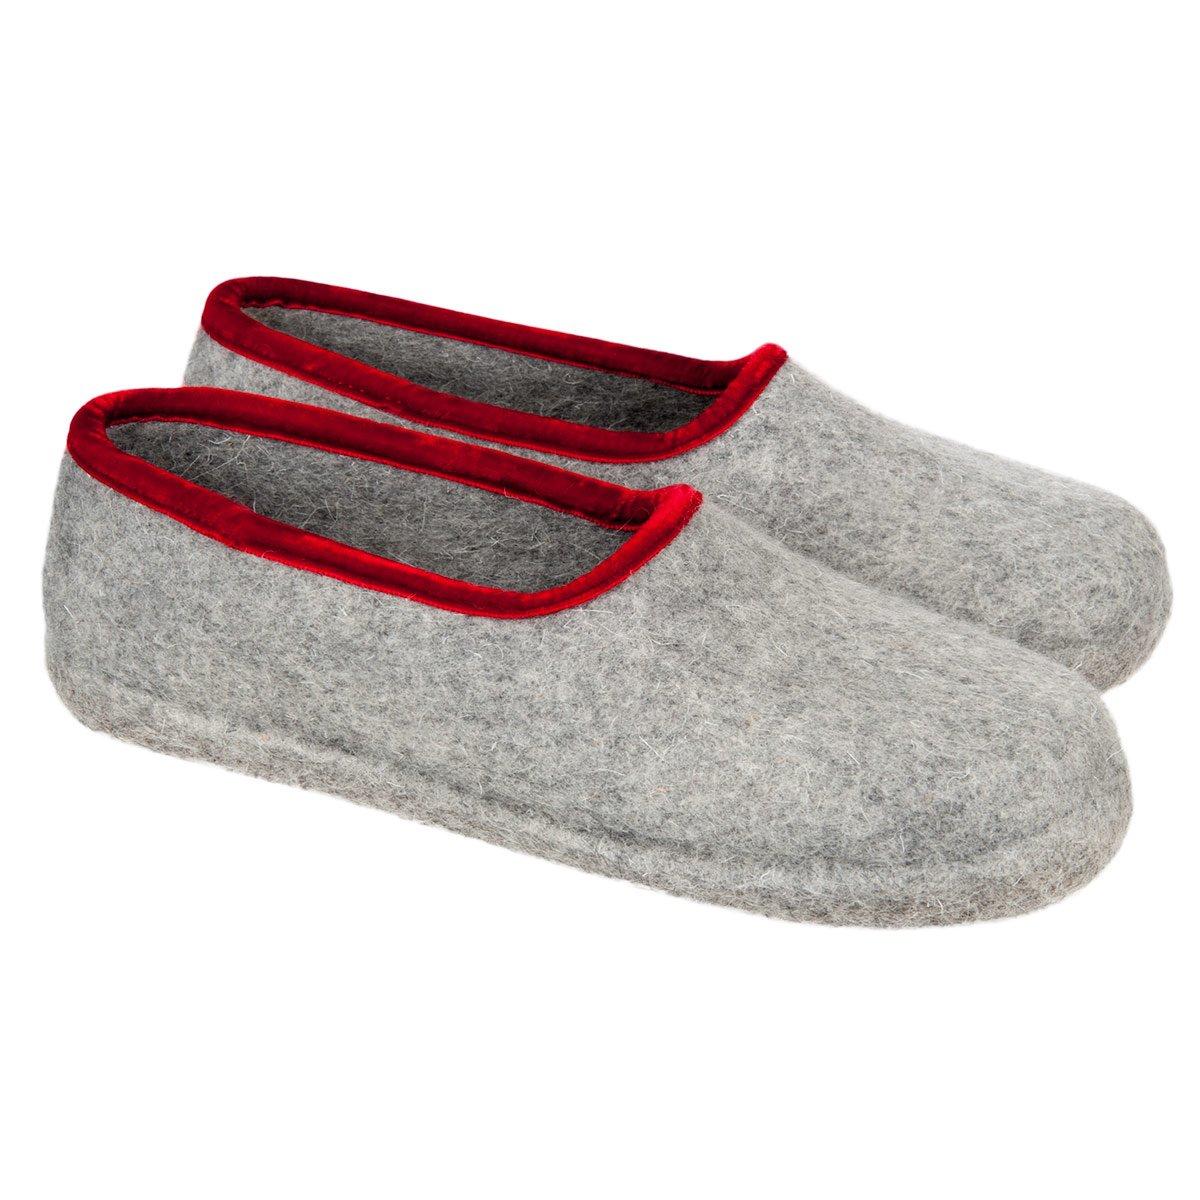 le più votate più recenti il prezzo rimane stabile up-to-date styling HAUNOLD | pantofole di puro feltro 100% lana chiuse dietro per donna colore  grigio con bordo rosso